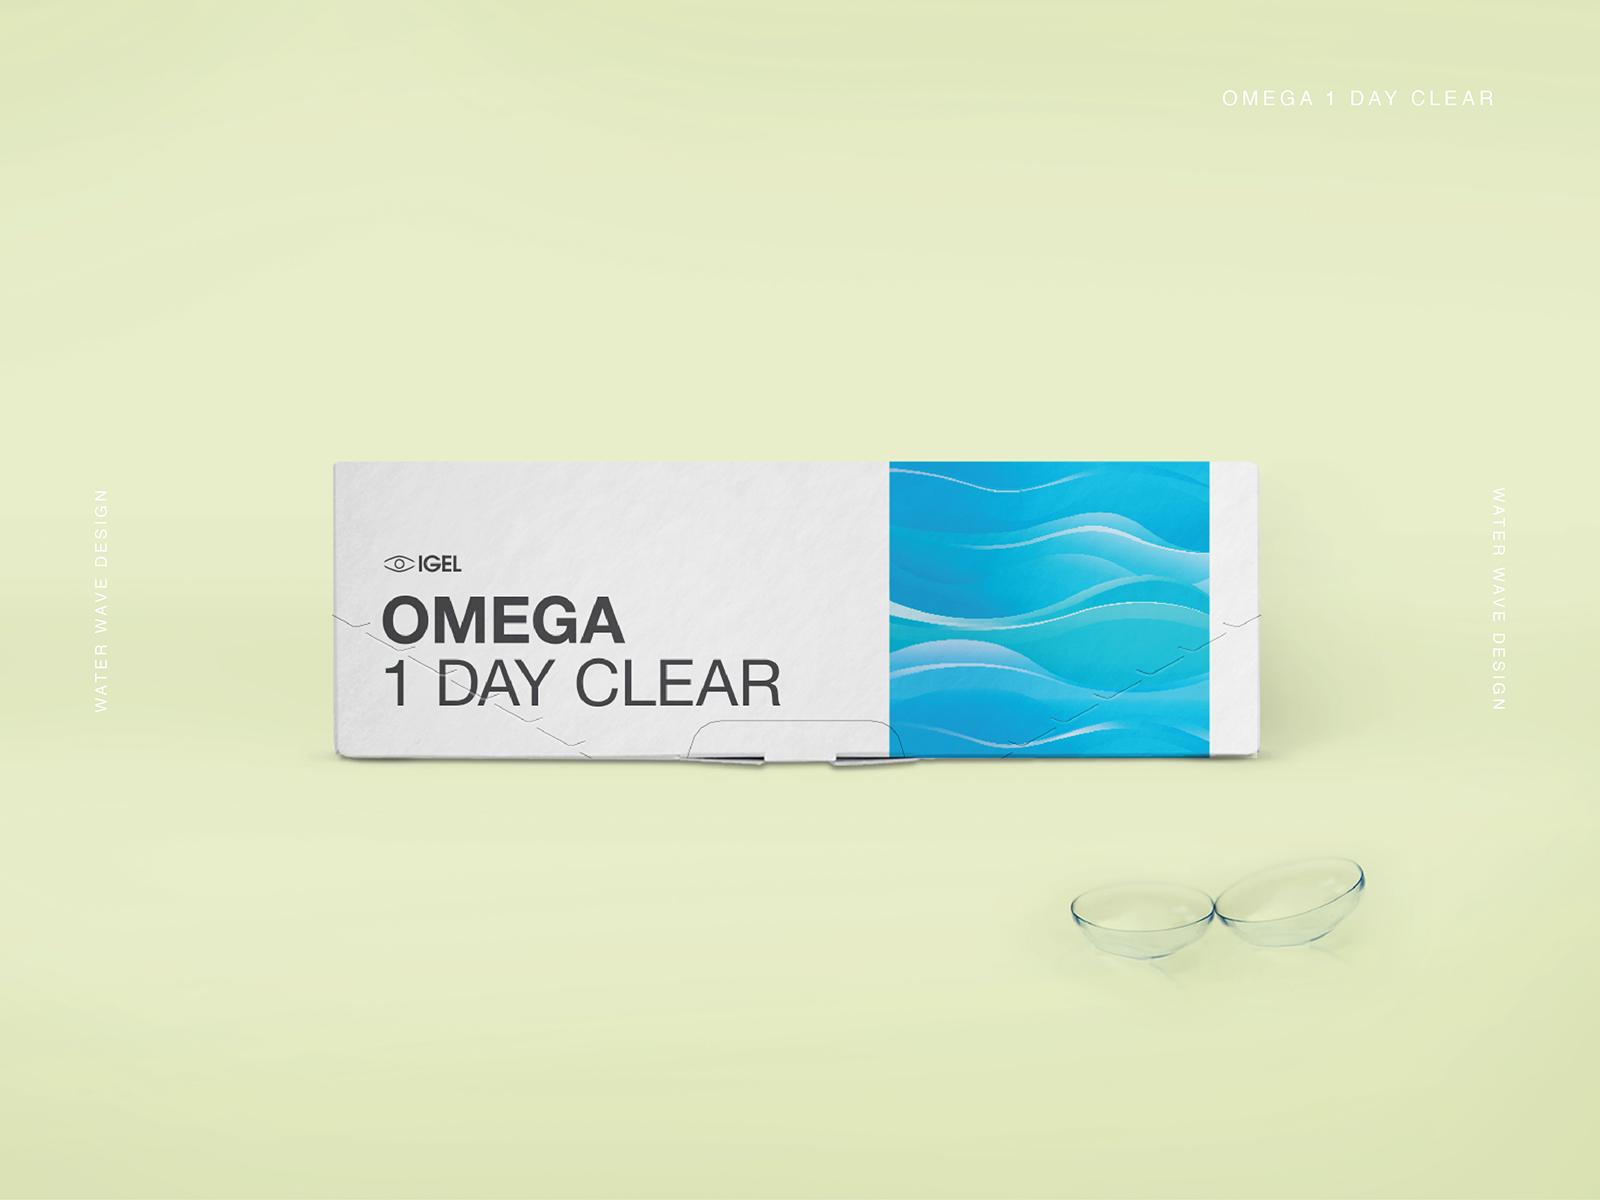 apaper_IGEL_contact_lens_packaging-06.jpg